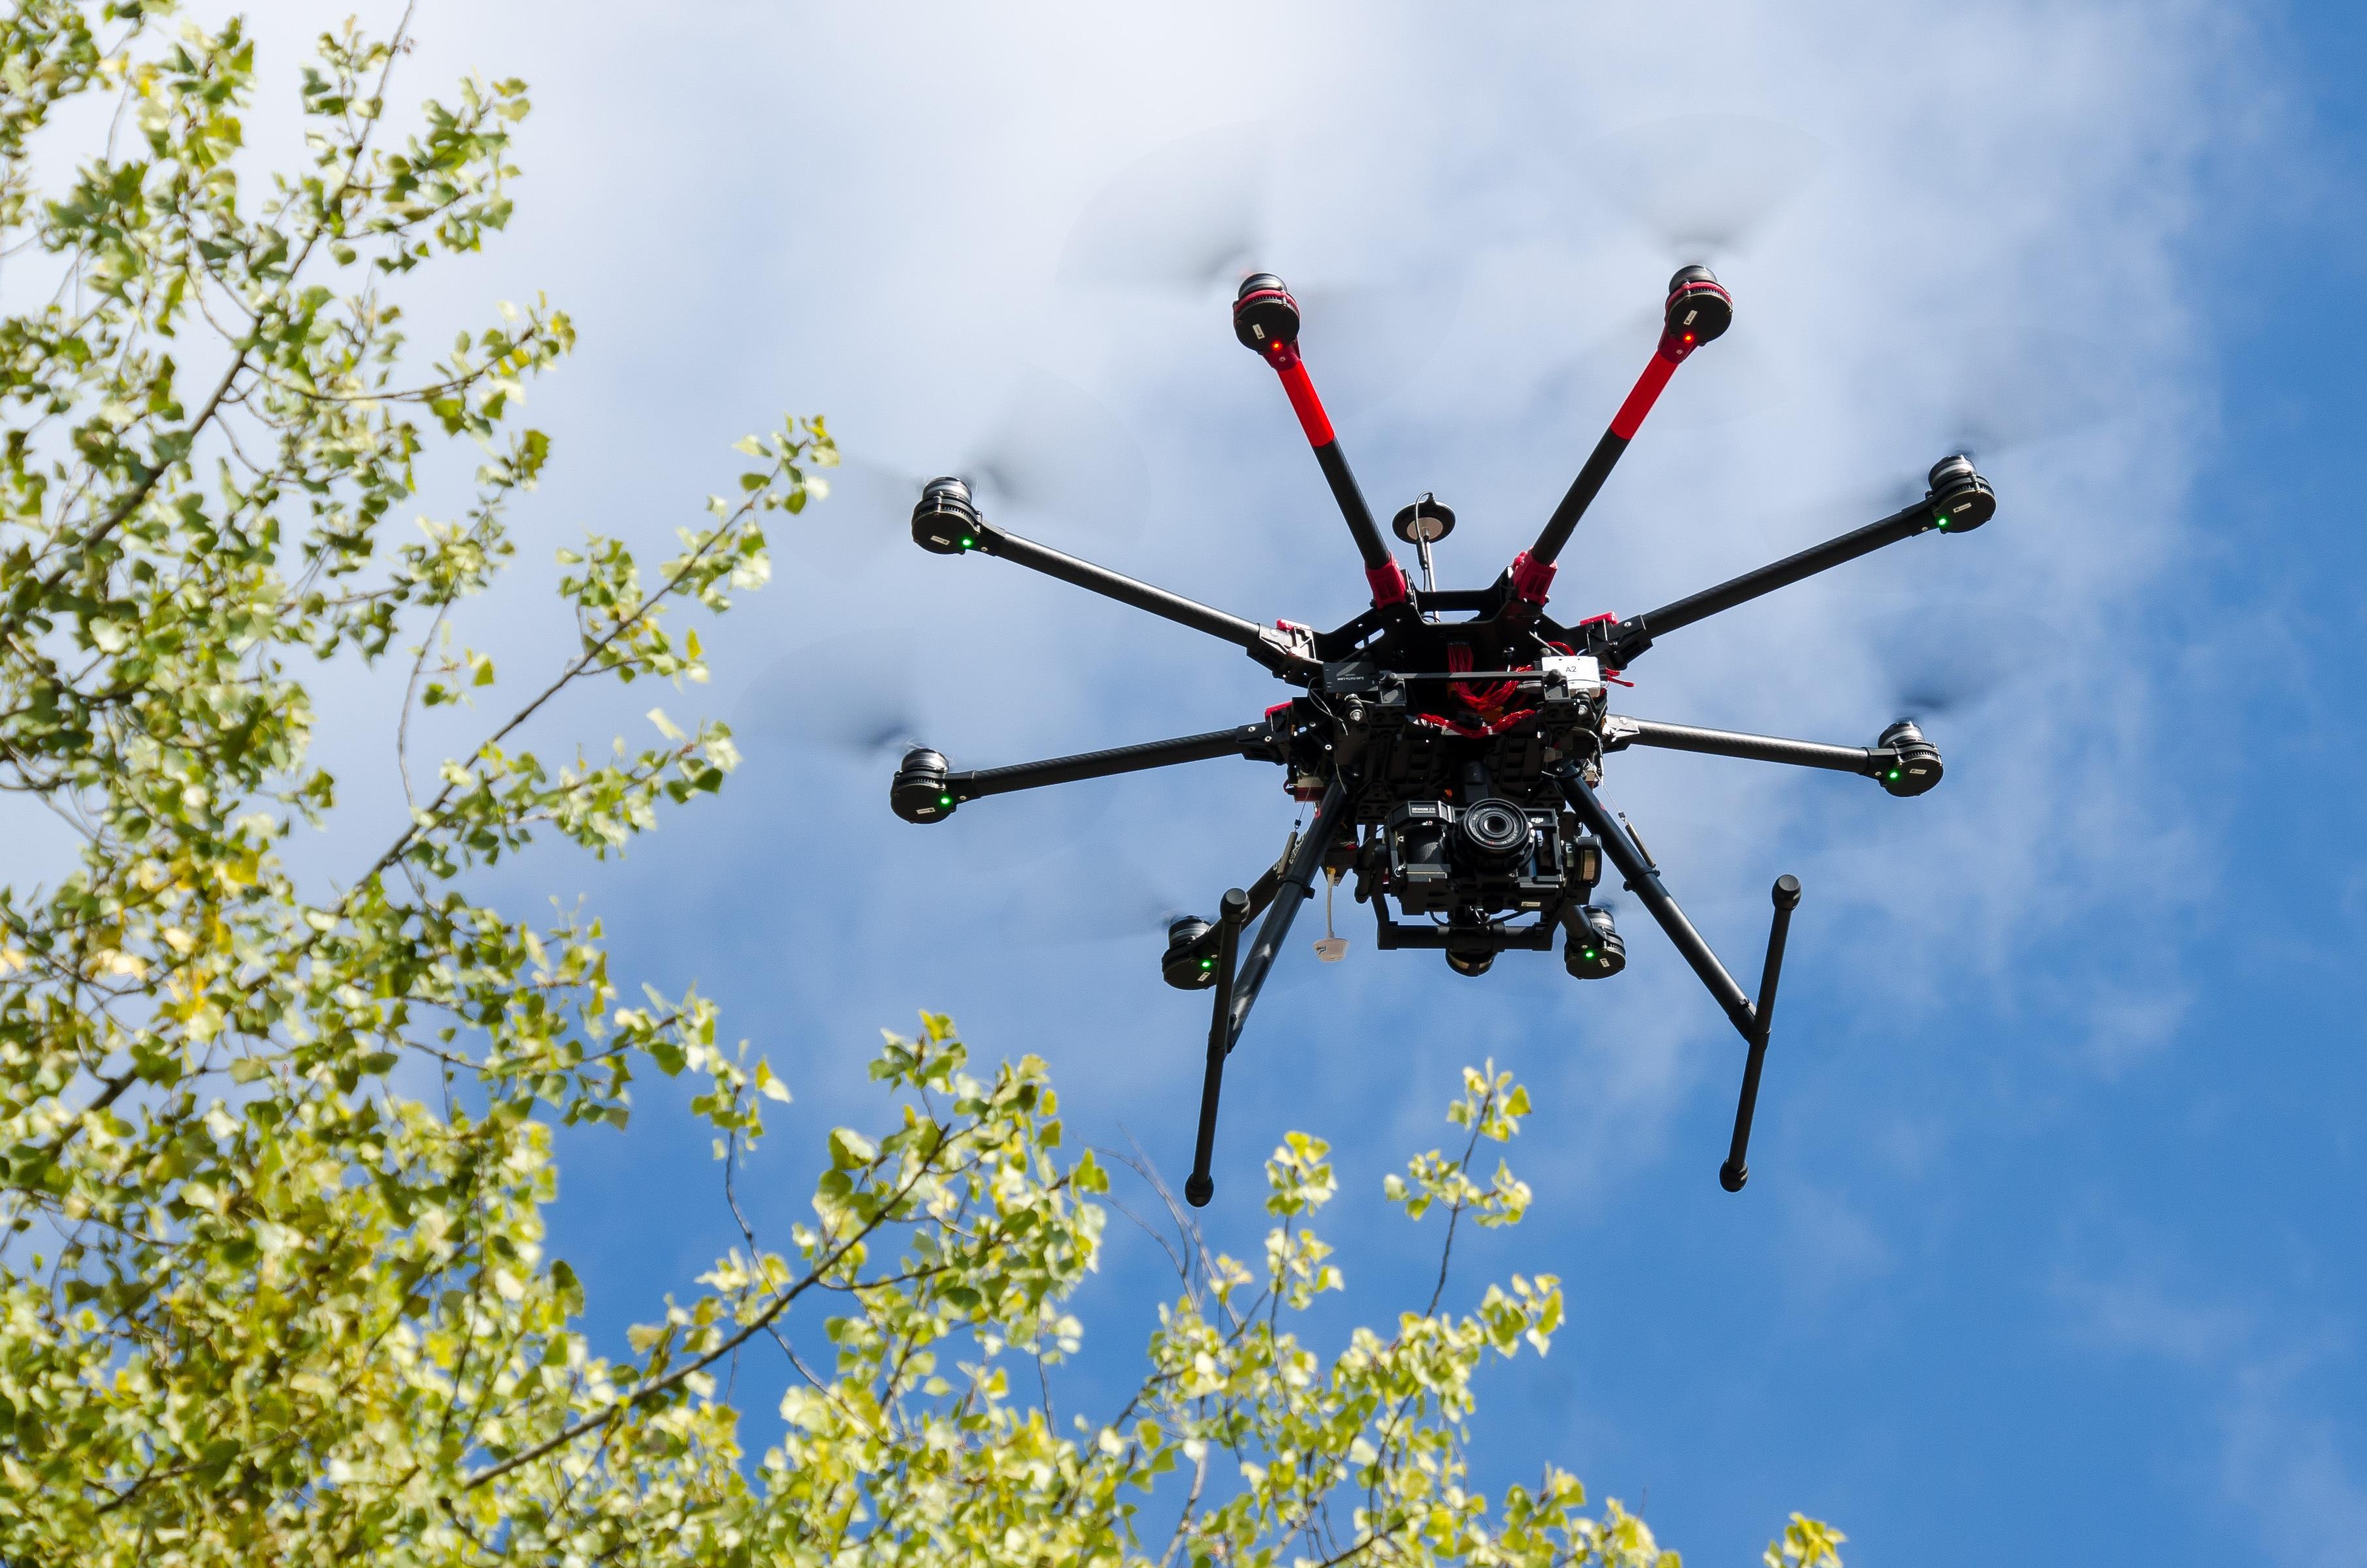 Octocoper drone airborne